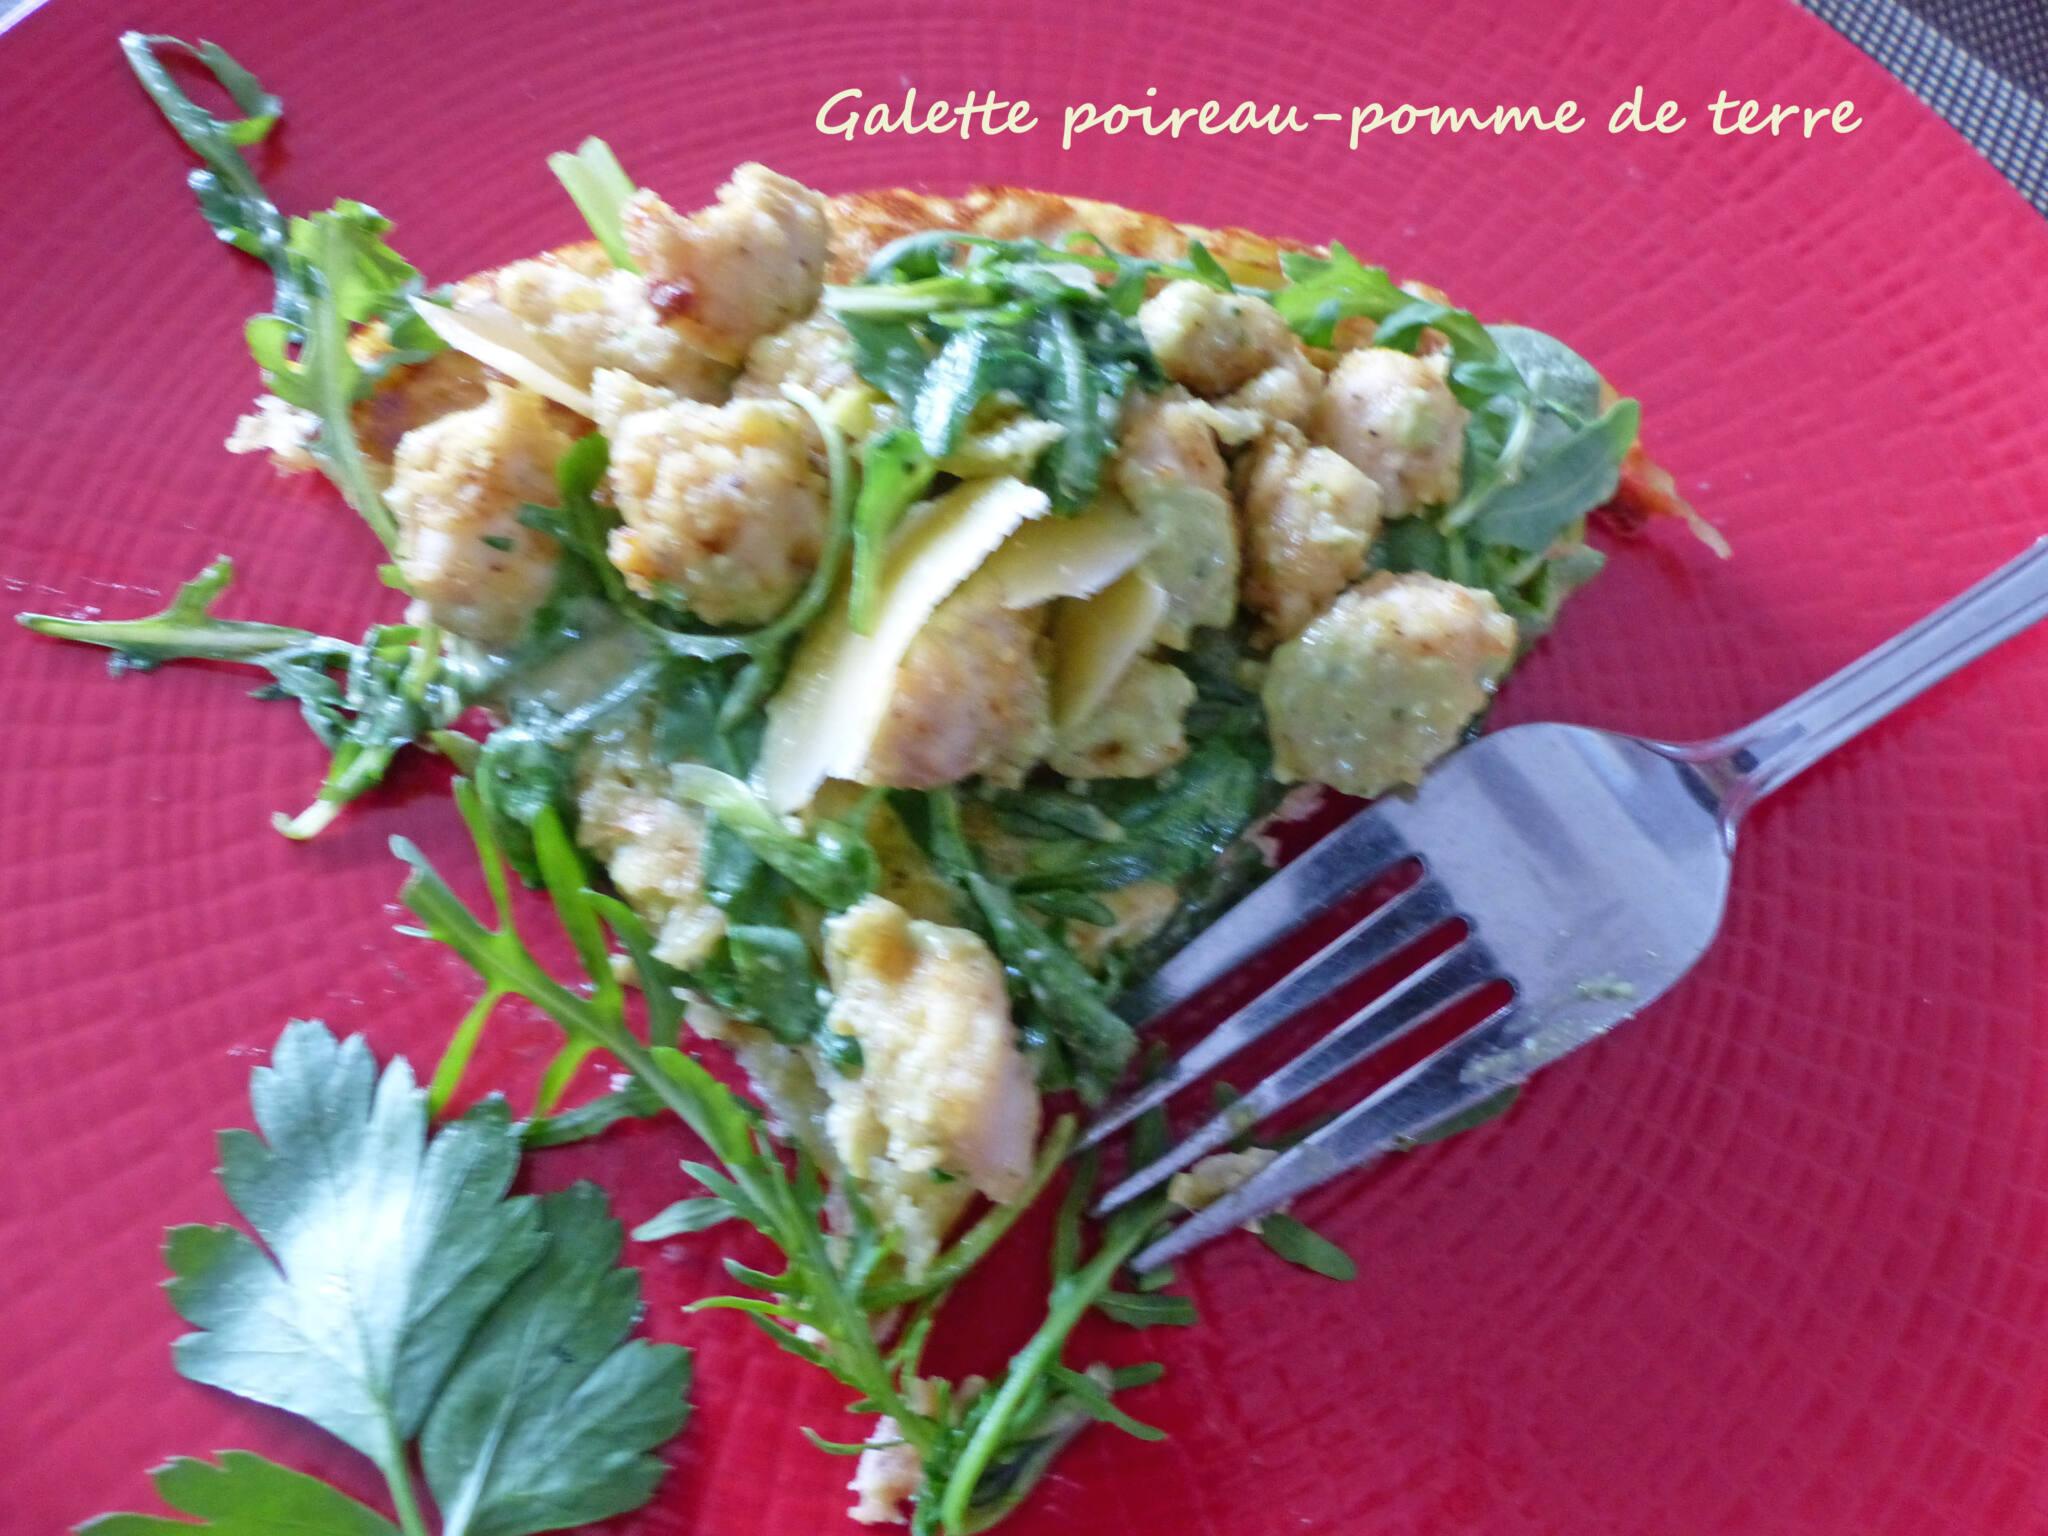 Galette poireau-pomme de terre P1240272 R